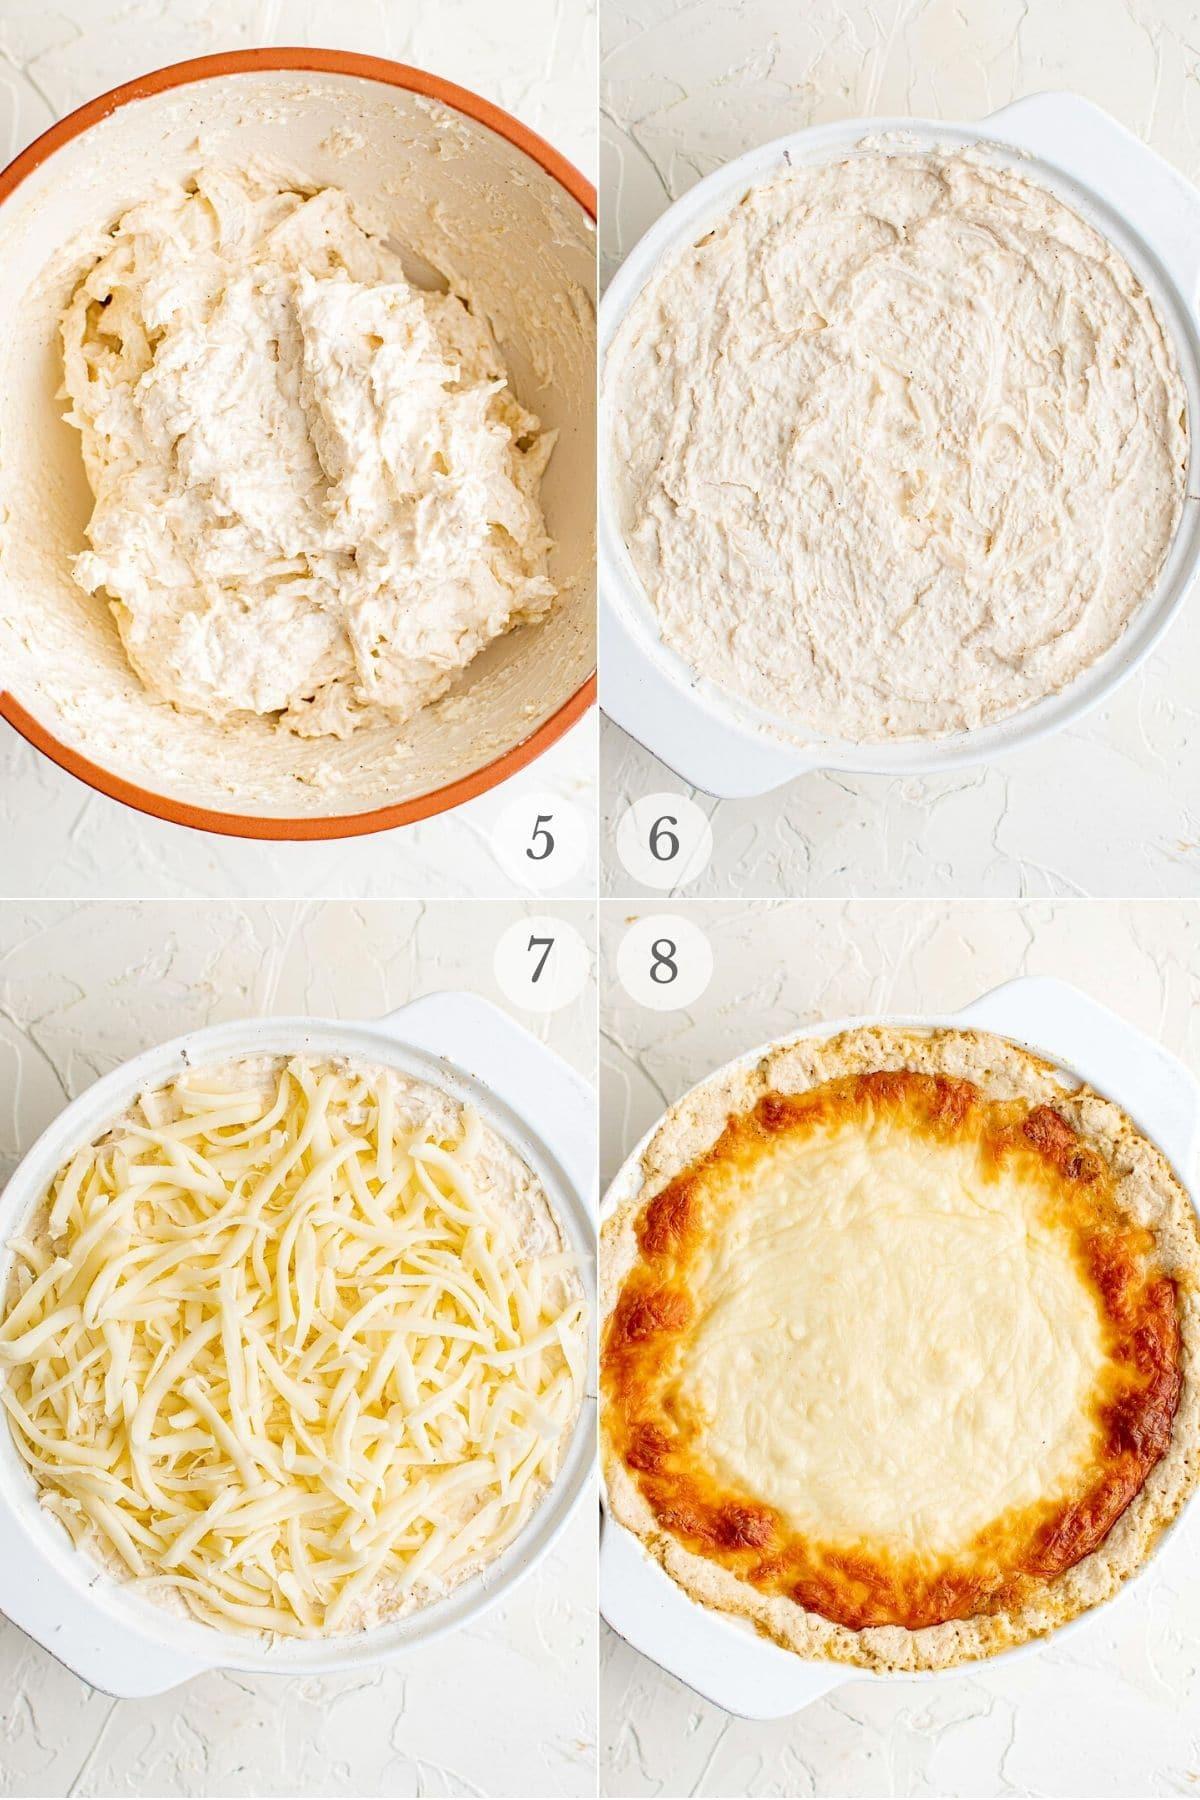 hot crab dip recipe steps 5-8